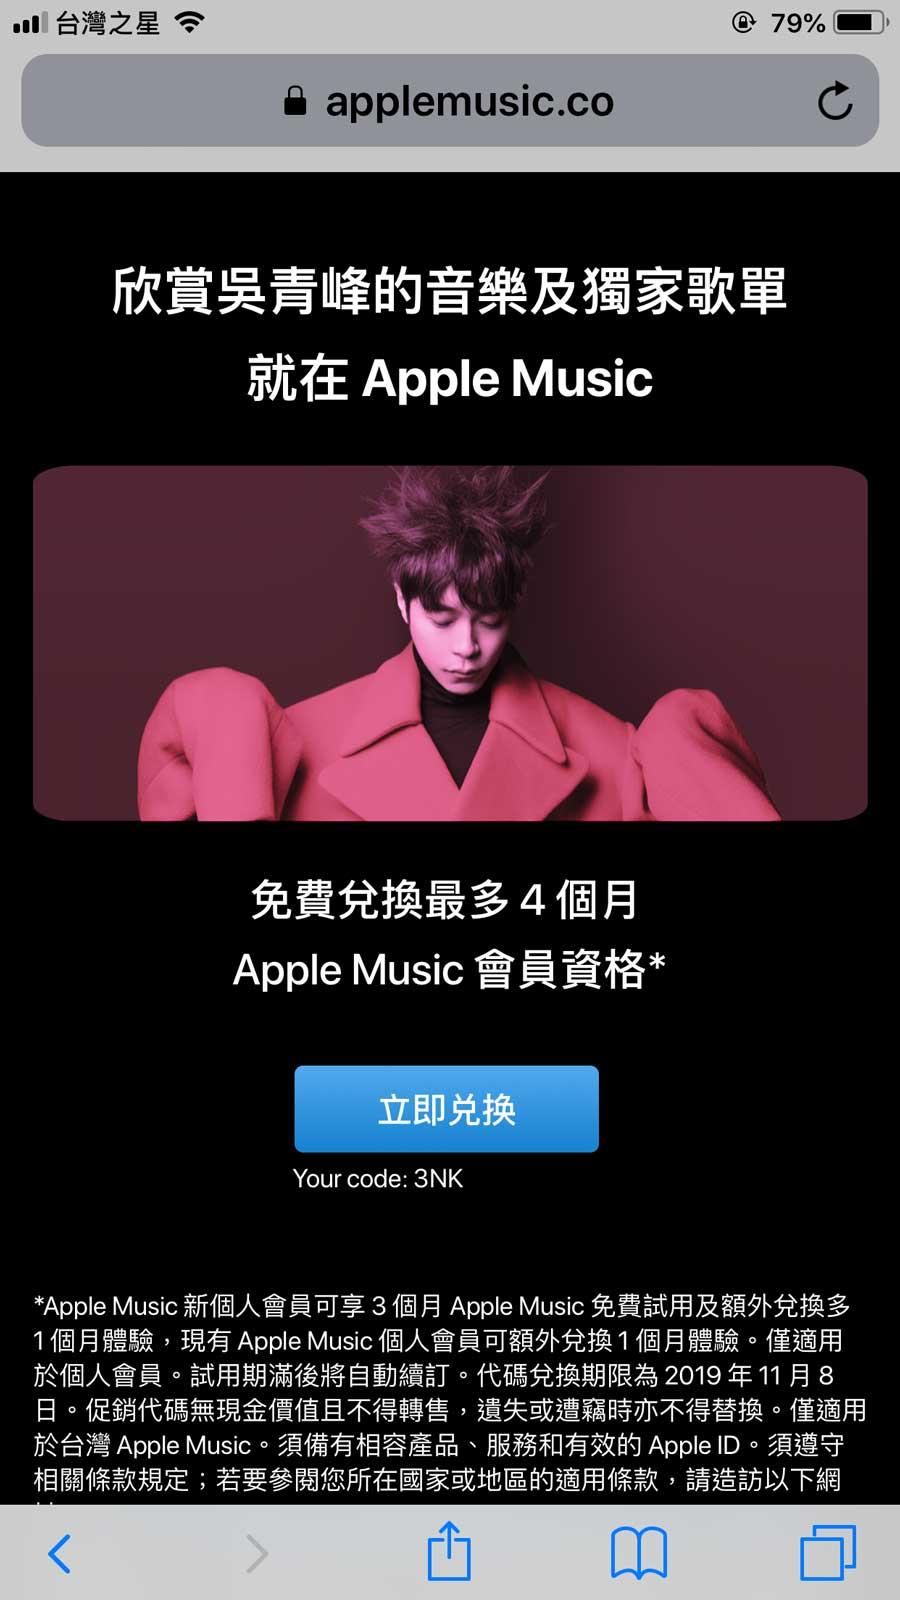 吳青峰 Apple Music 免費一個月序號免費拿